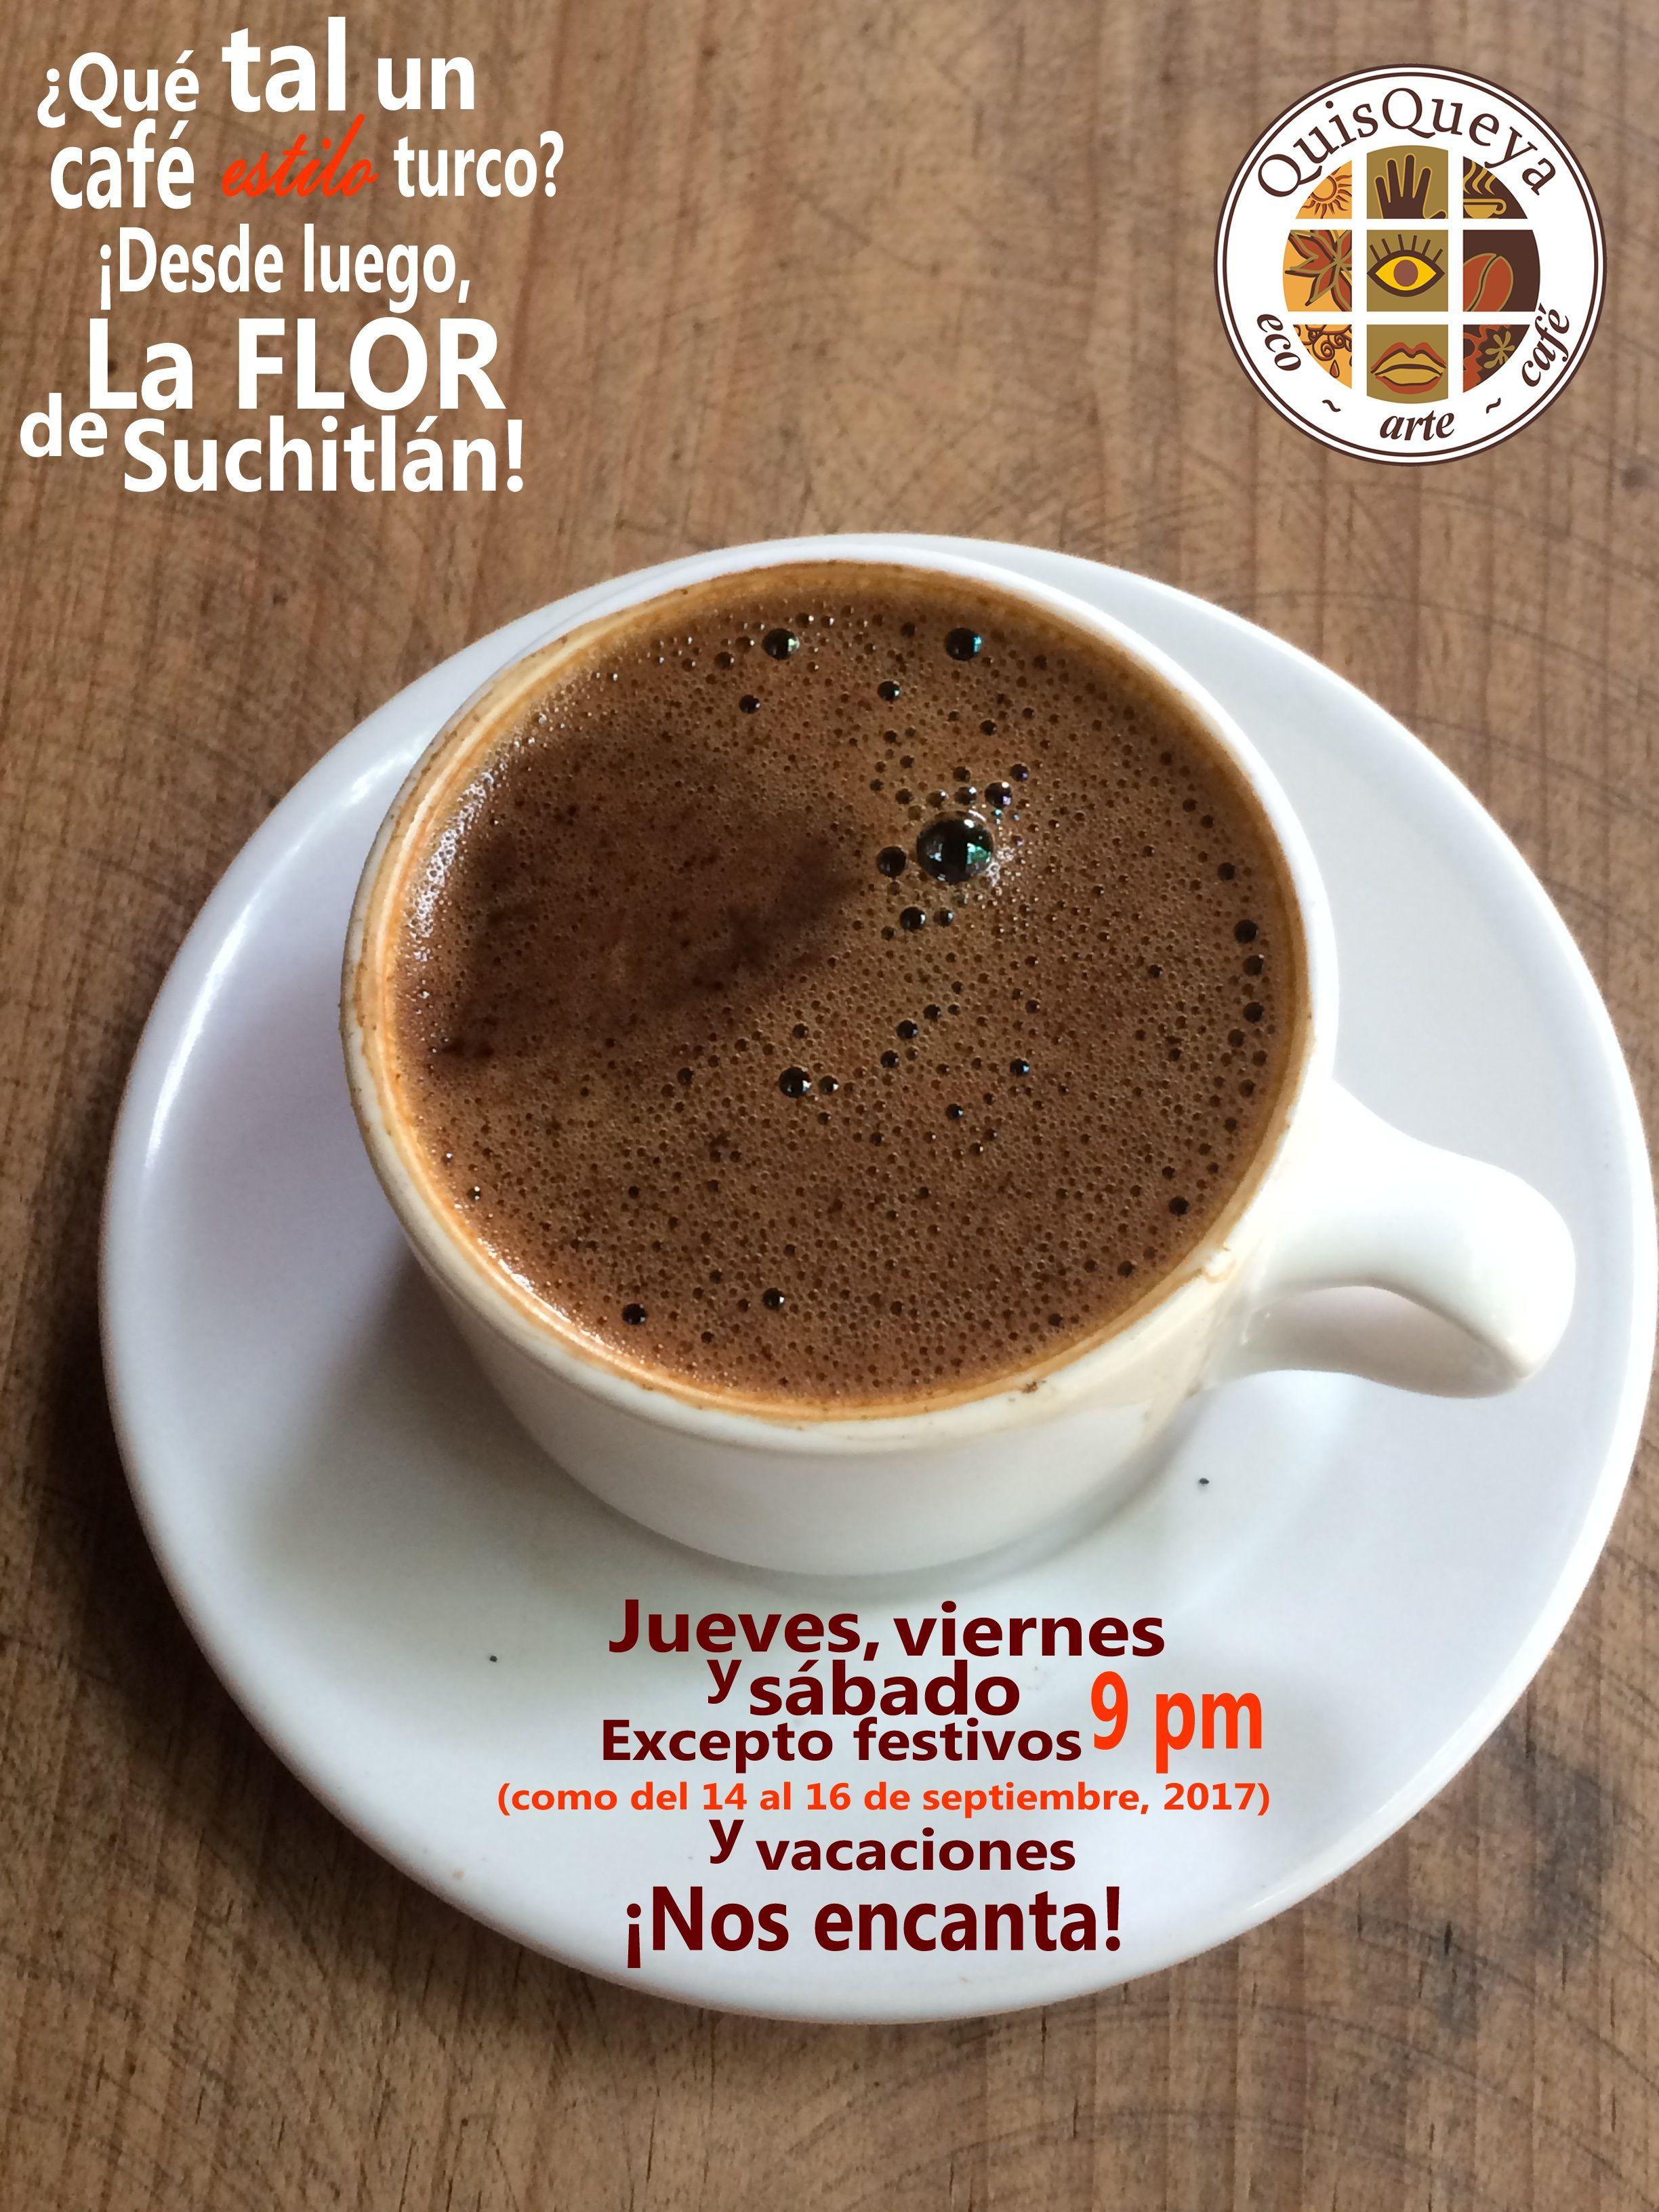 ¿Qué tal un café estilo turco? ¡Desde luego, La FLOR de Suchitlán! En QuisQueya eco-arte-café les esperamos jueves, viernes y sábado desde las 9 pm. Excepto festivos (como del 14 al 16 de septiembre, 2017) y vacaciones. ¡Definitivamente, nos encanta!